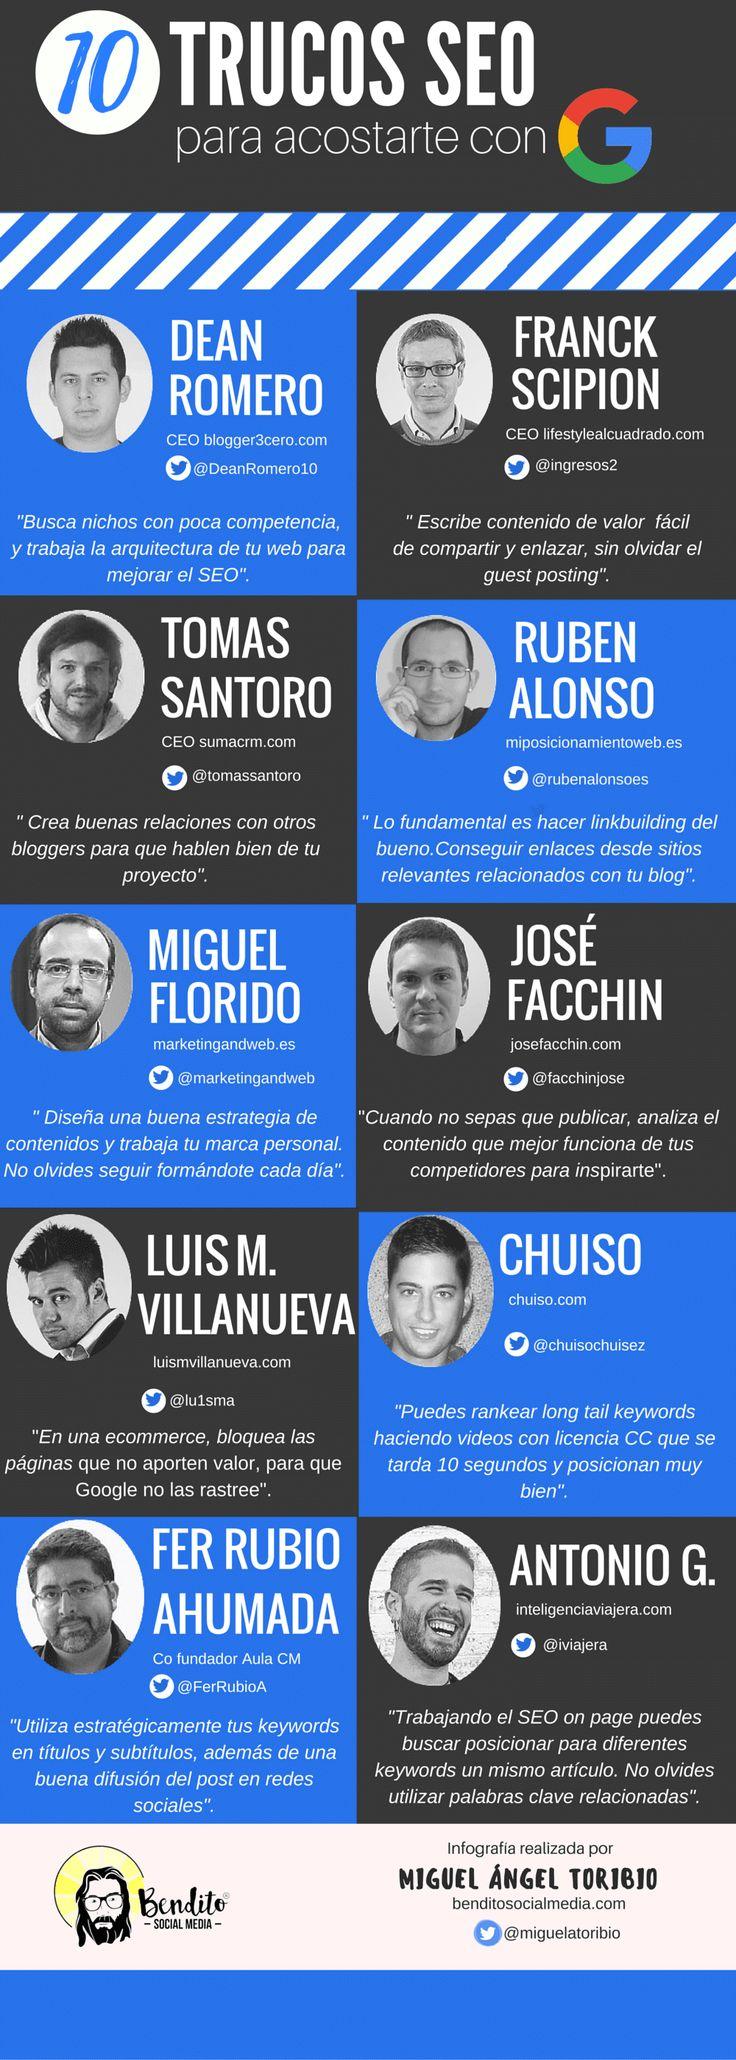 Los 10 trucos utilizados por los mejores expertos #SEO en español